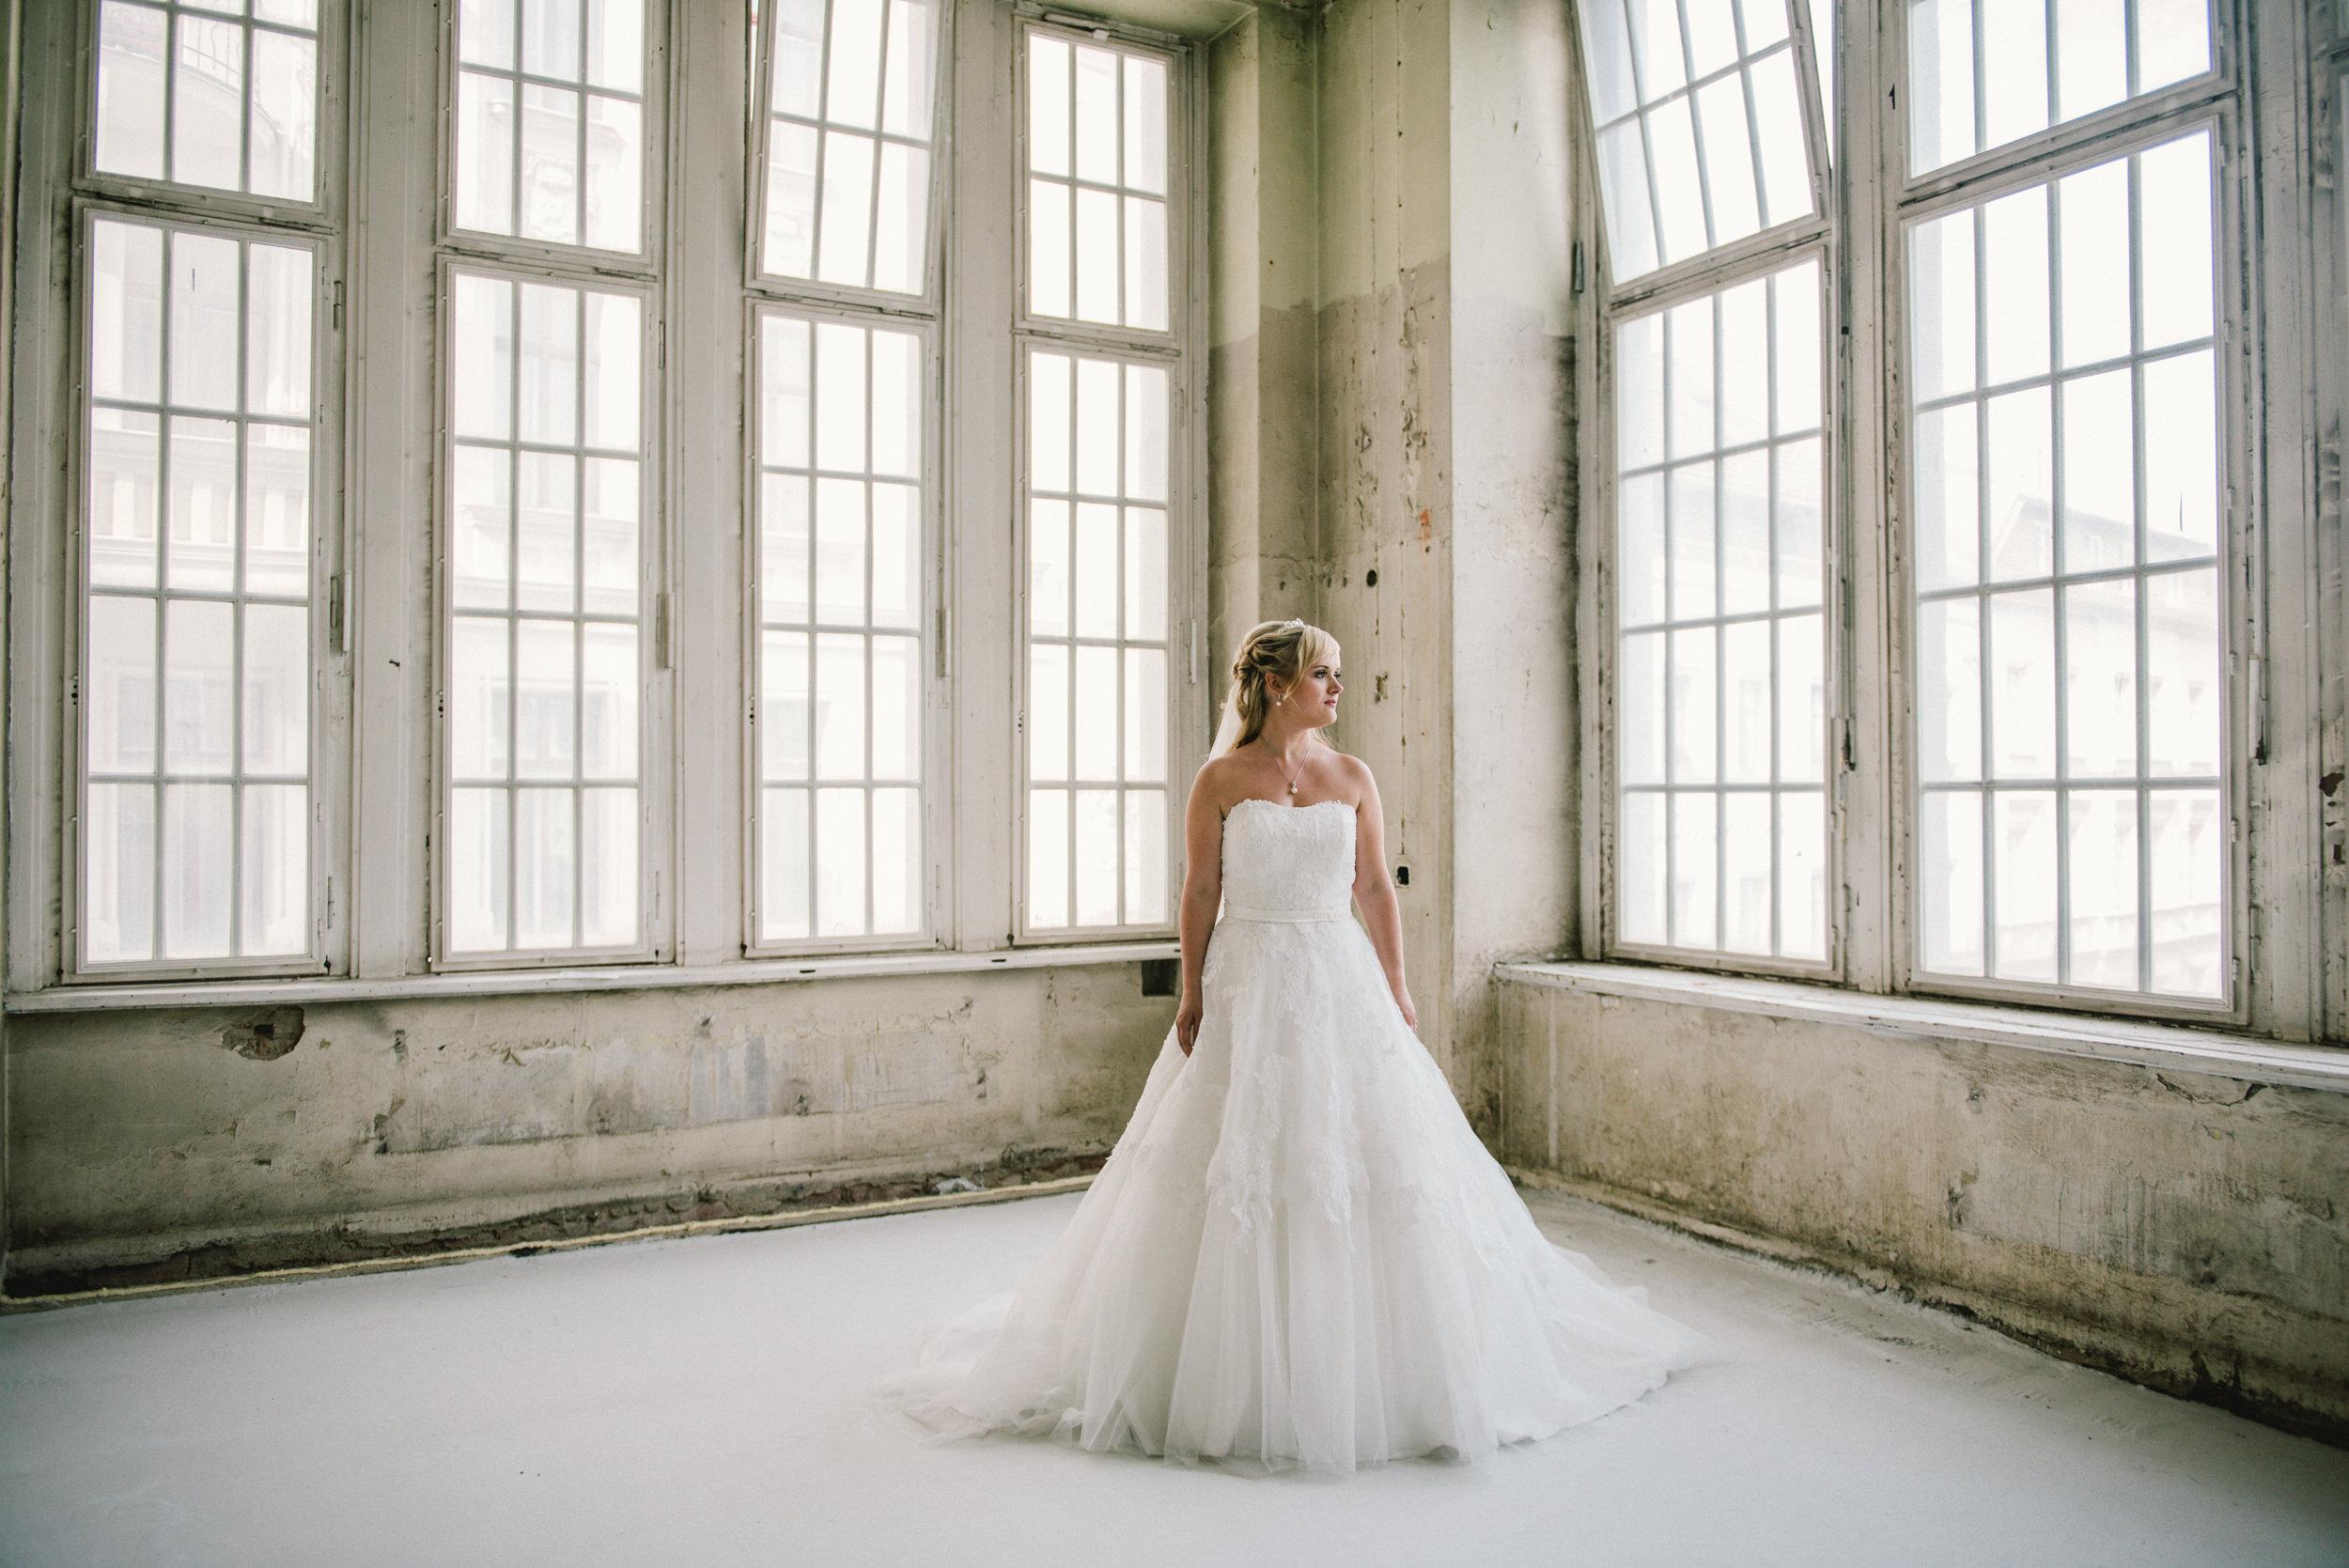 Paul_Glaser_Hochzeitsfotograf-10